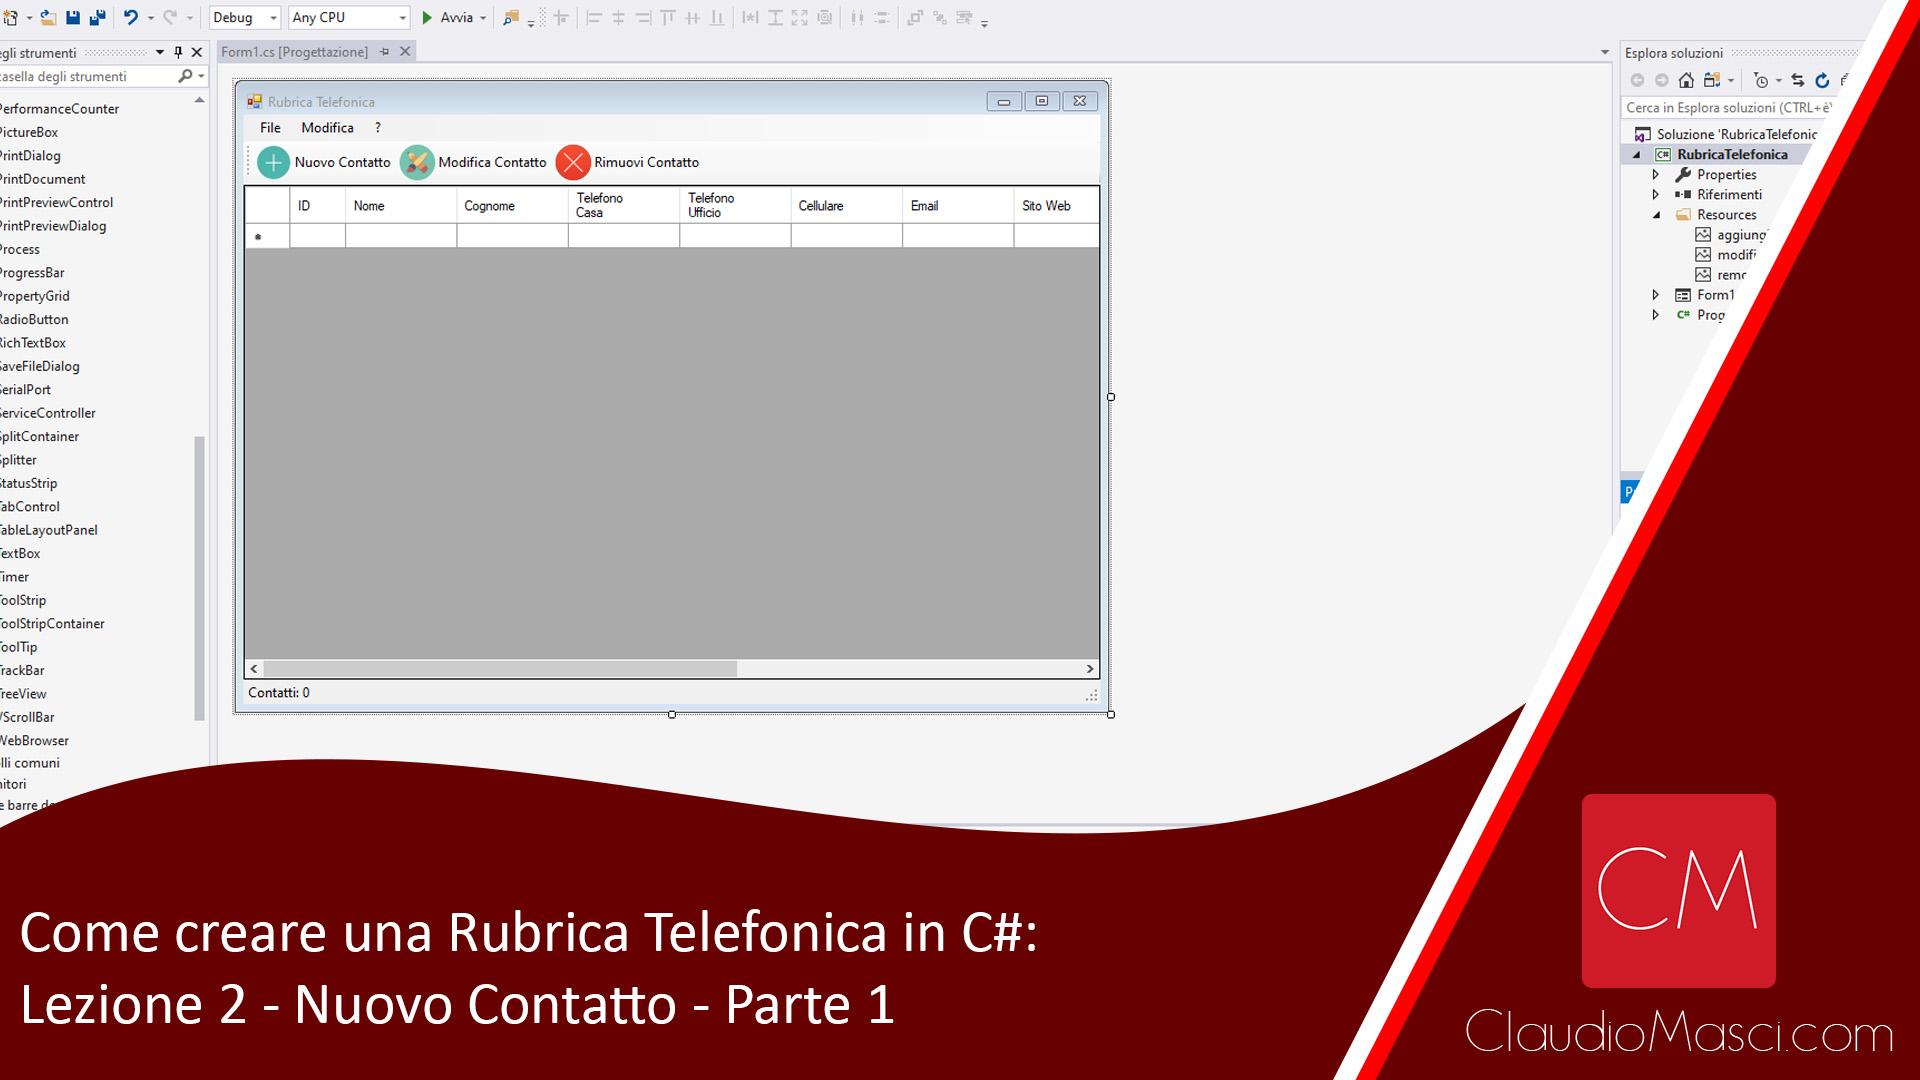 Come creare una Rubrica Telefonica in C# - Lezione 2 - Nuovo Contatto - Parte1